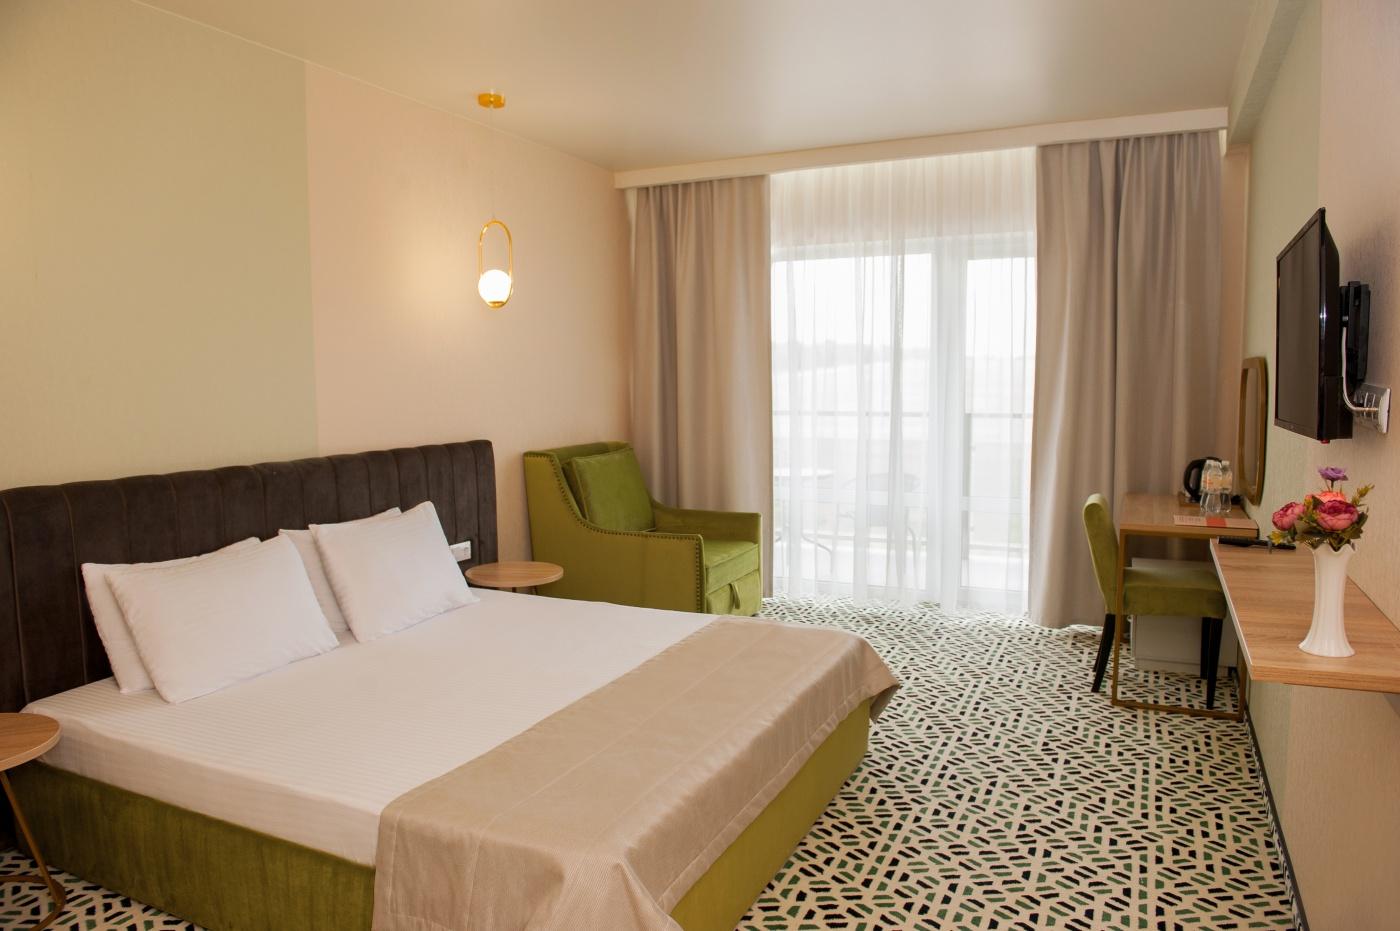 Отель «Aurum Family Resort & Spa» Краснодарский край Standard 2-местный (в корпусе), фото 3